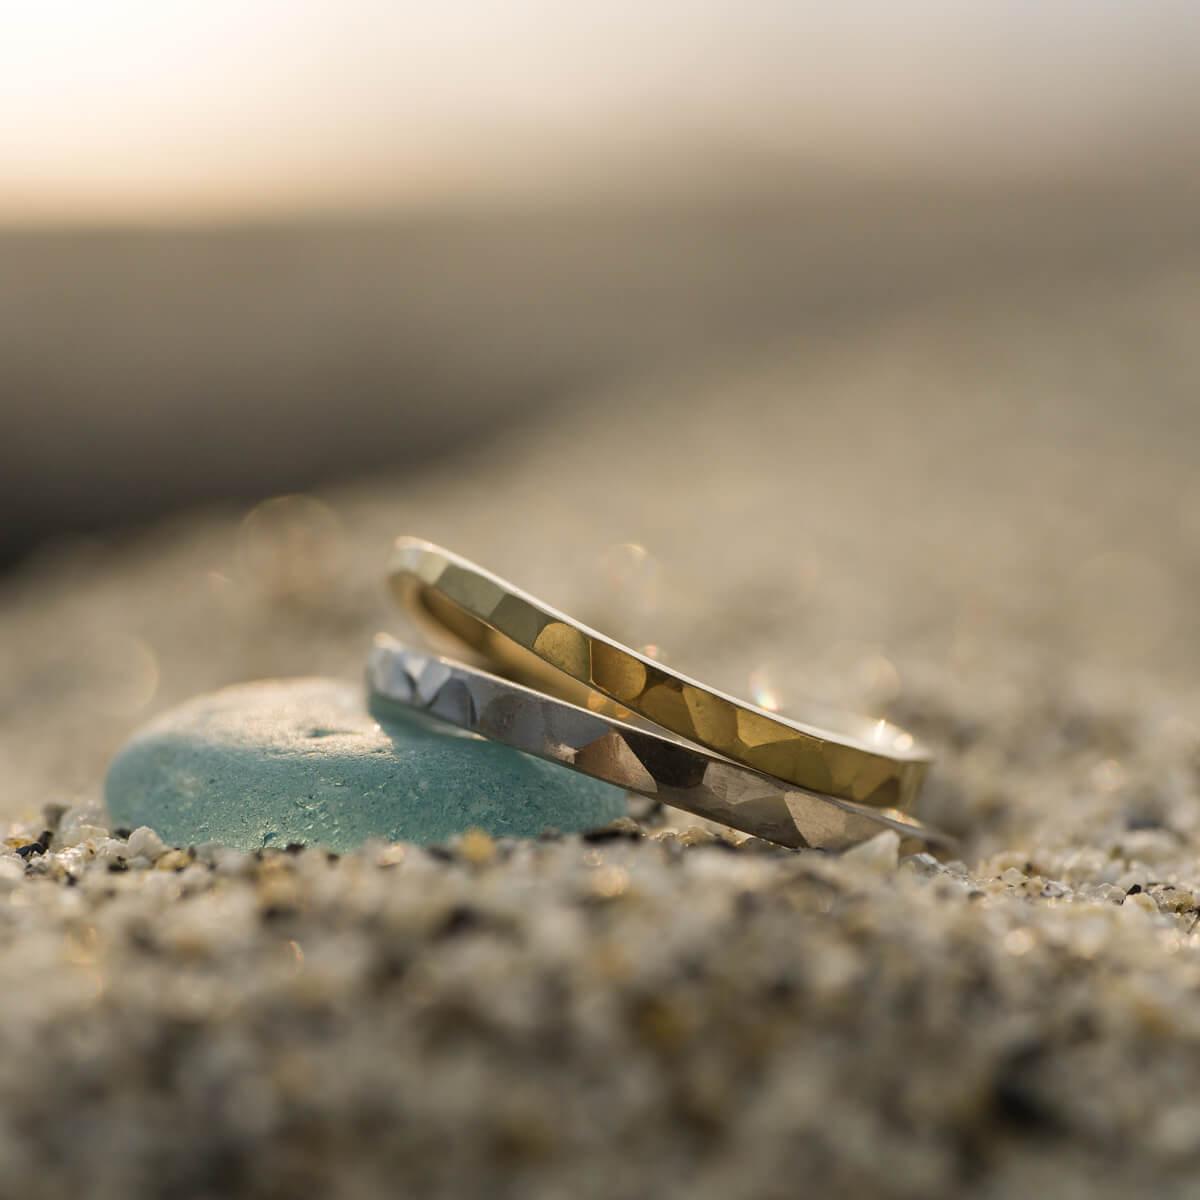 オーダーメイドマリッジリング 屋久島の浜辺で ゴールド プラチナ 屋久島の海モチーフ 屋久島でつくる結婚指輪